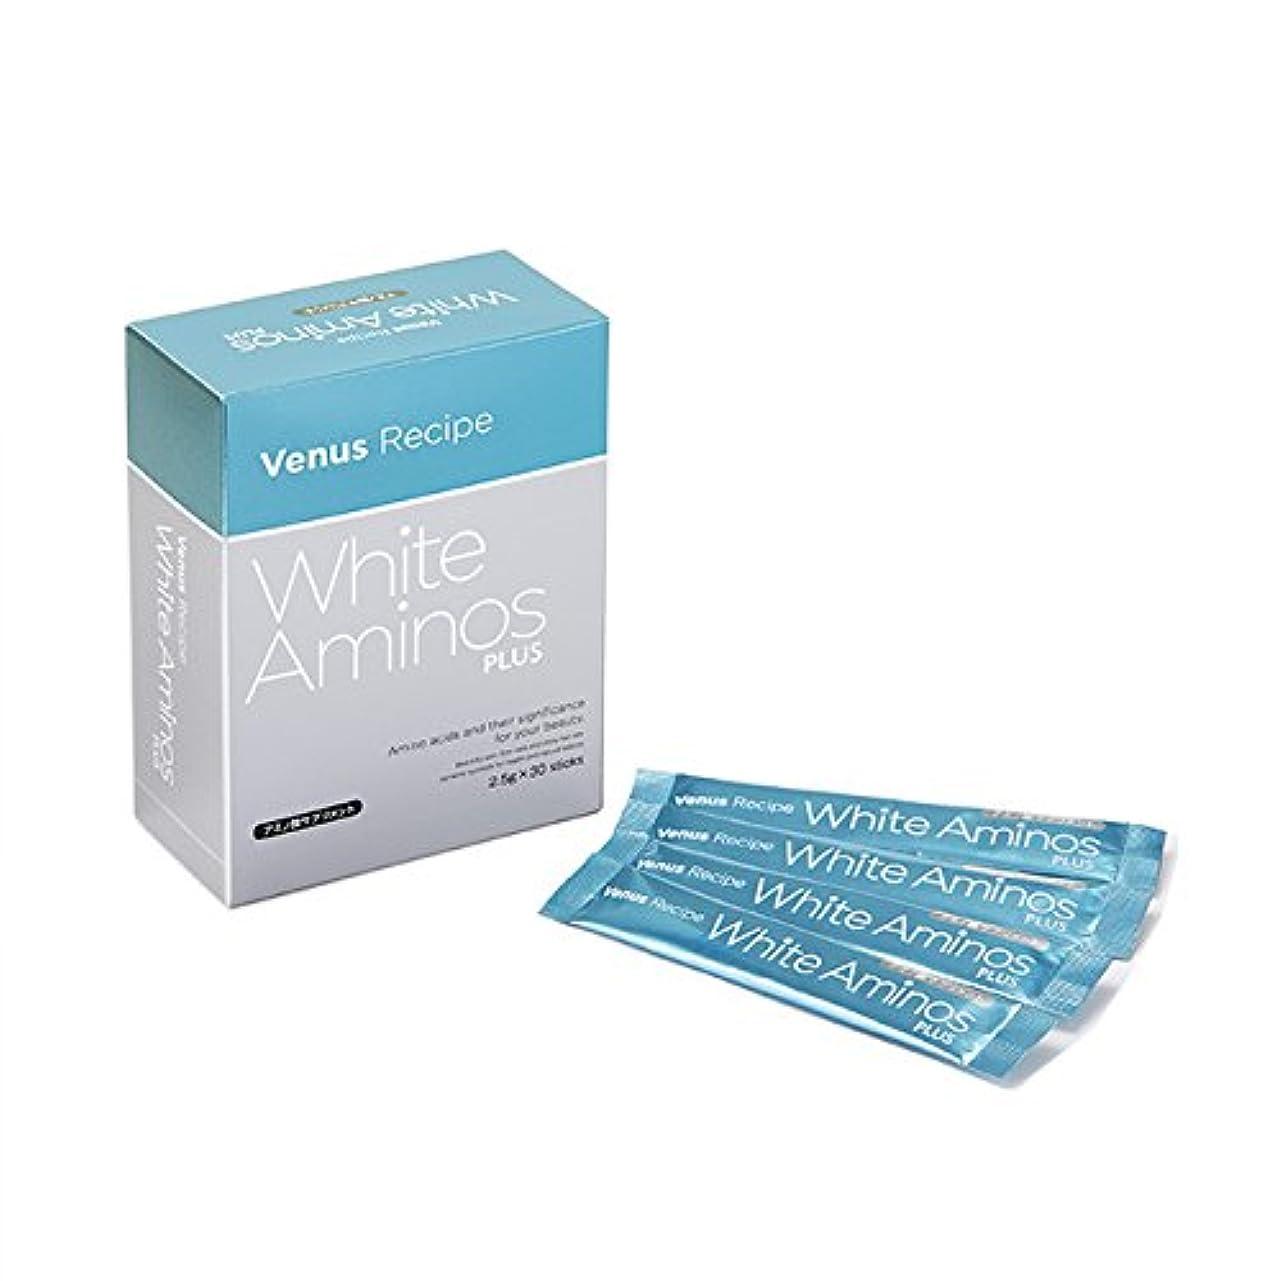 アクシージア (AXXZIA) ヴィーナスレシピ ホワイト アミノズ プラス 75g(2.5g×30包)  アミノ酸